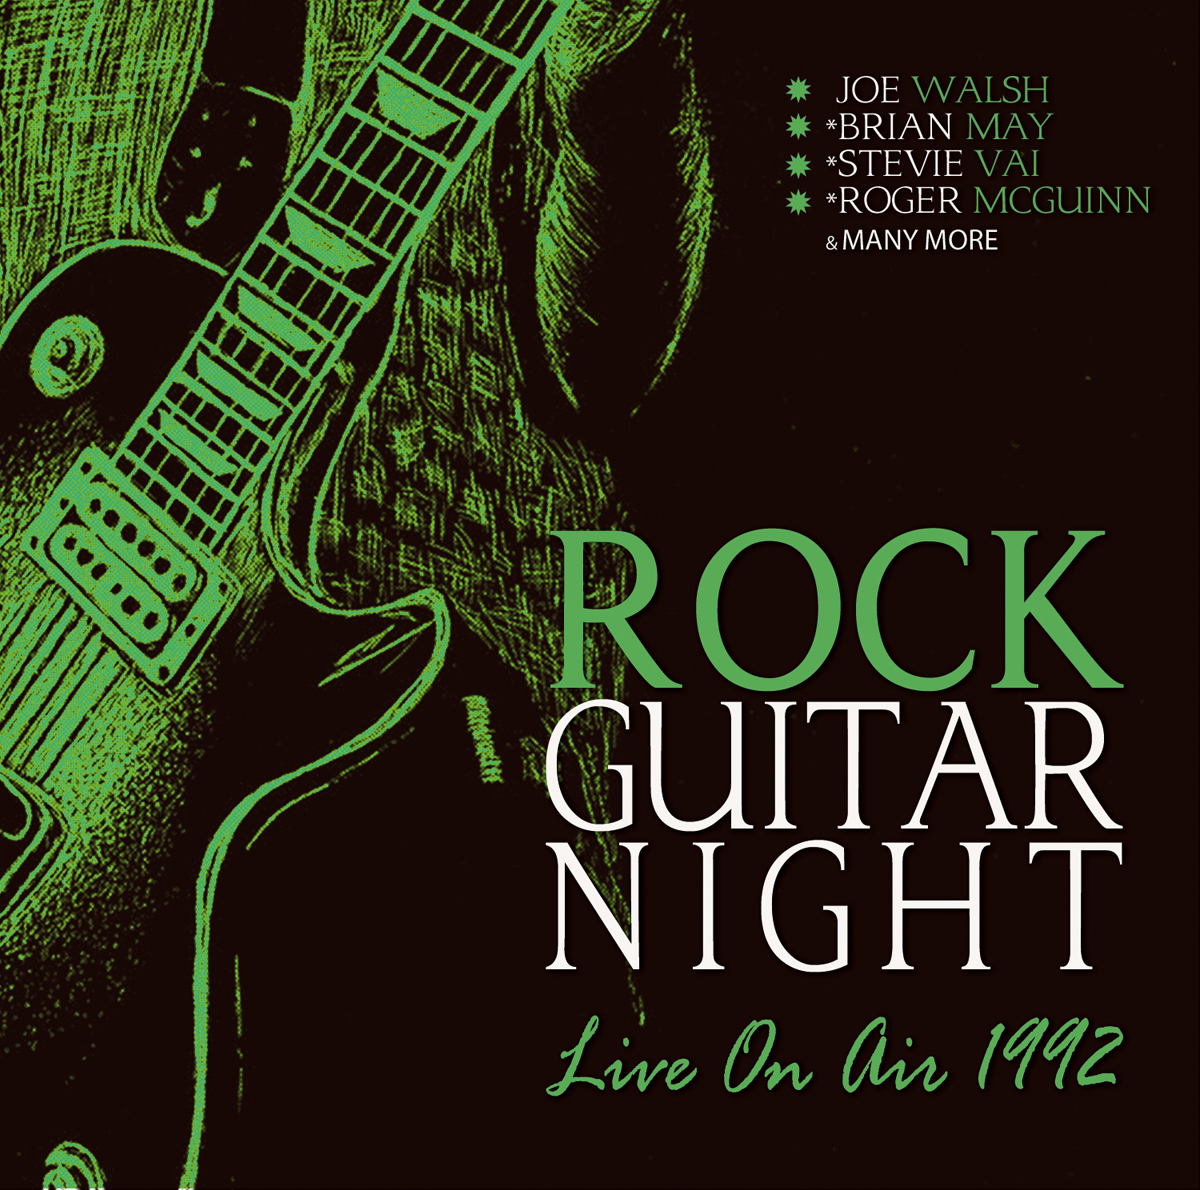 купить Rock Guitar Night - Live On Air 1992 дешево